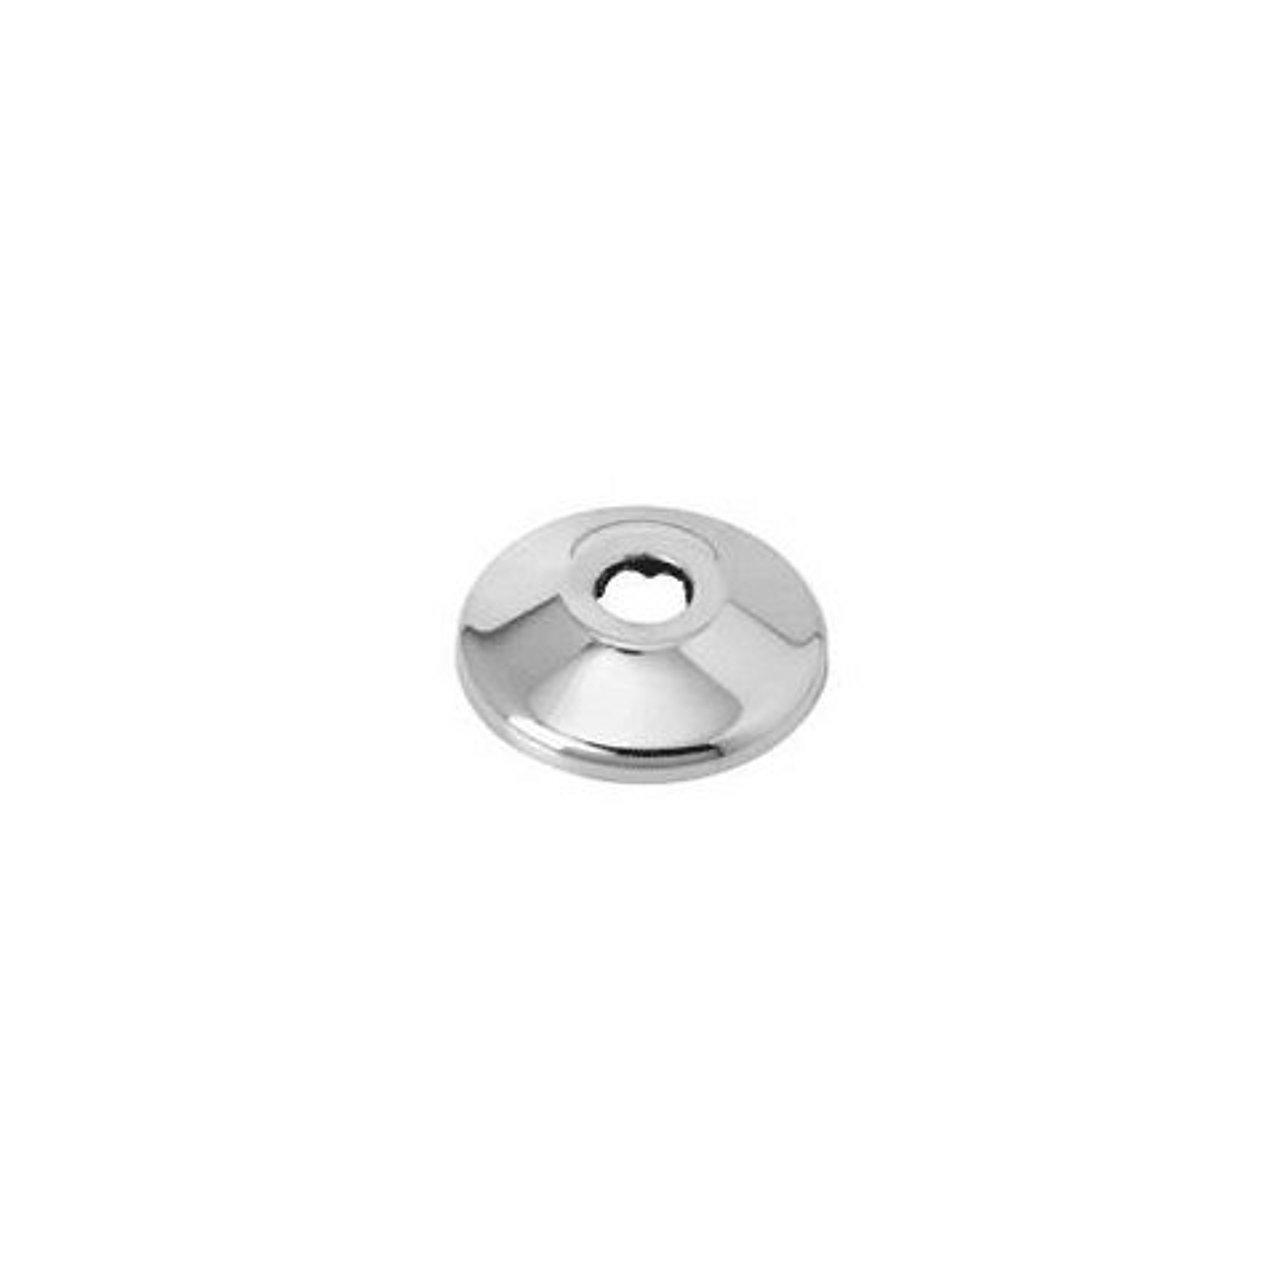 BrassCraft 649 NS 1/2-Inch OD Escutcheon, Satin Nickel by BrassCraft